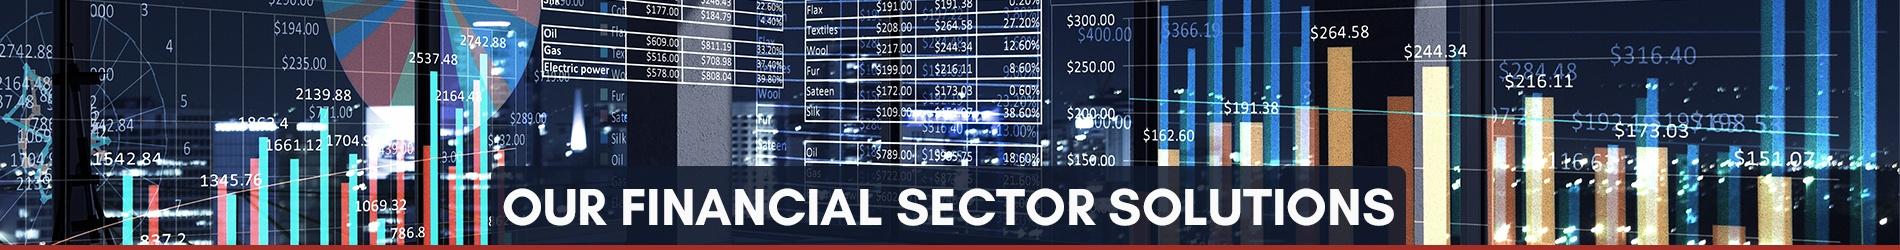 BSP_Industry_Finance_Solutions_Header.jpg